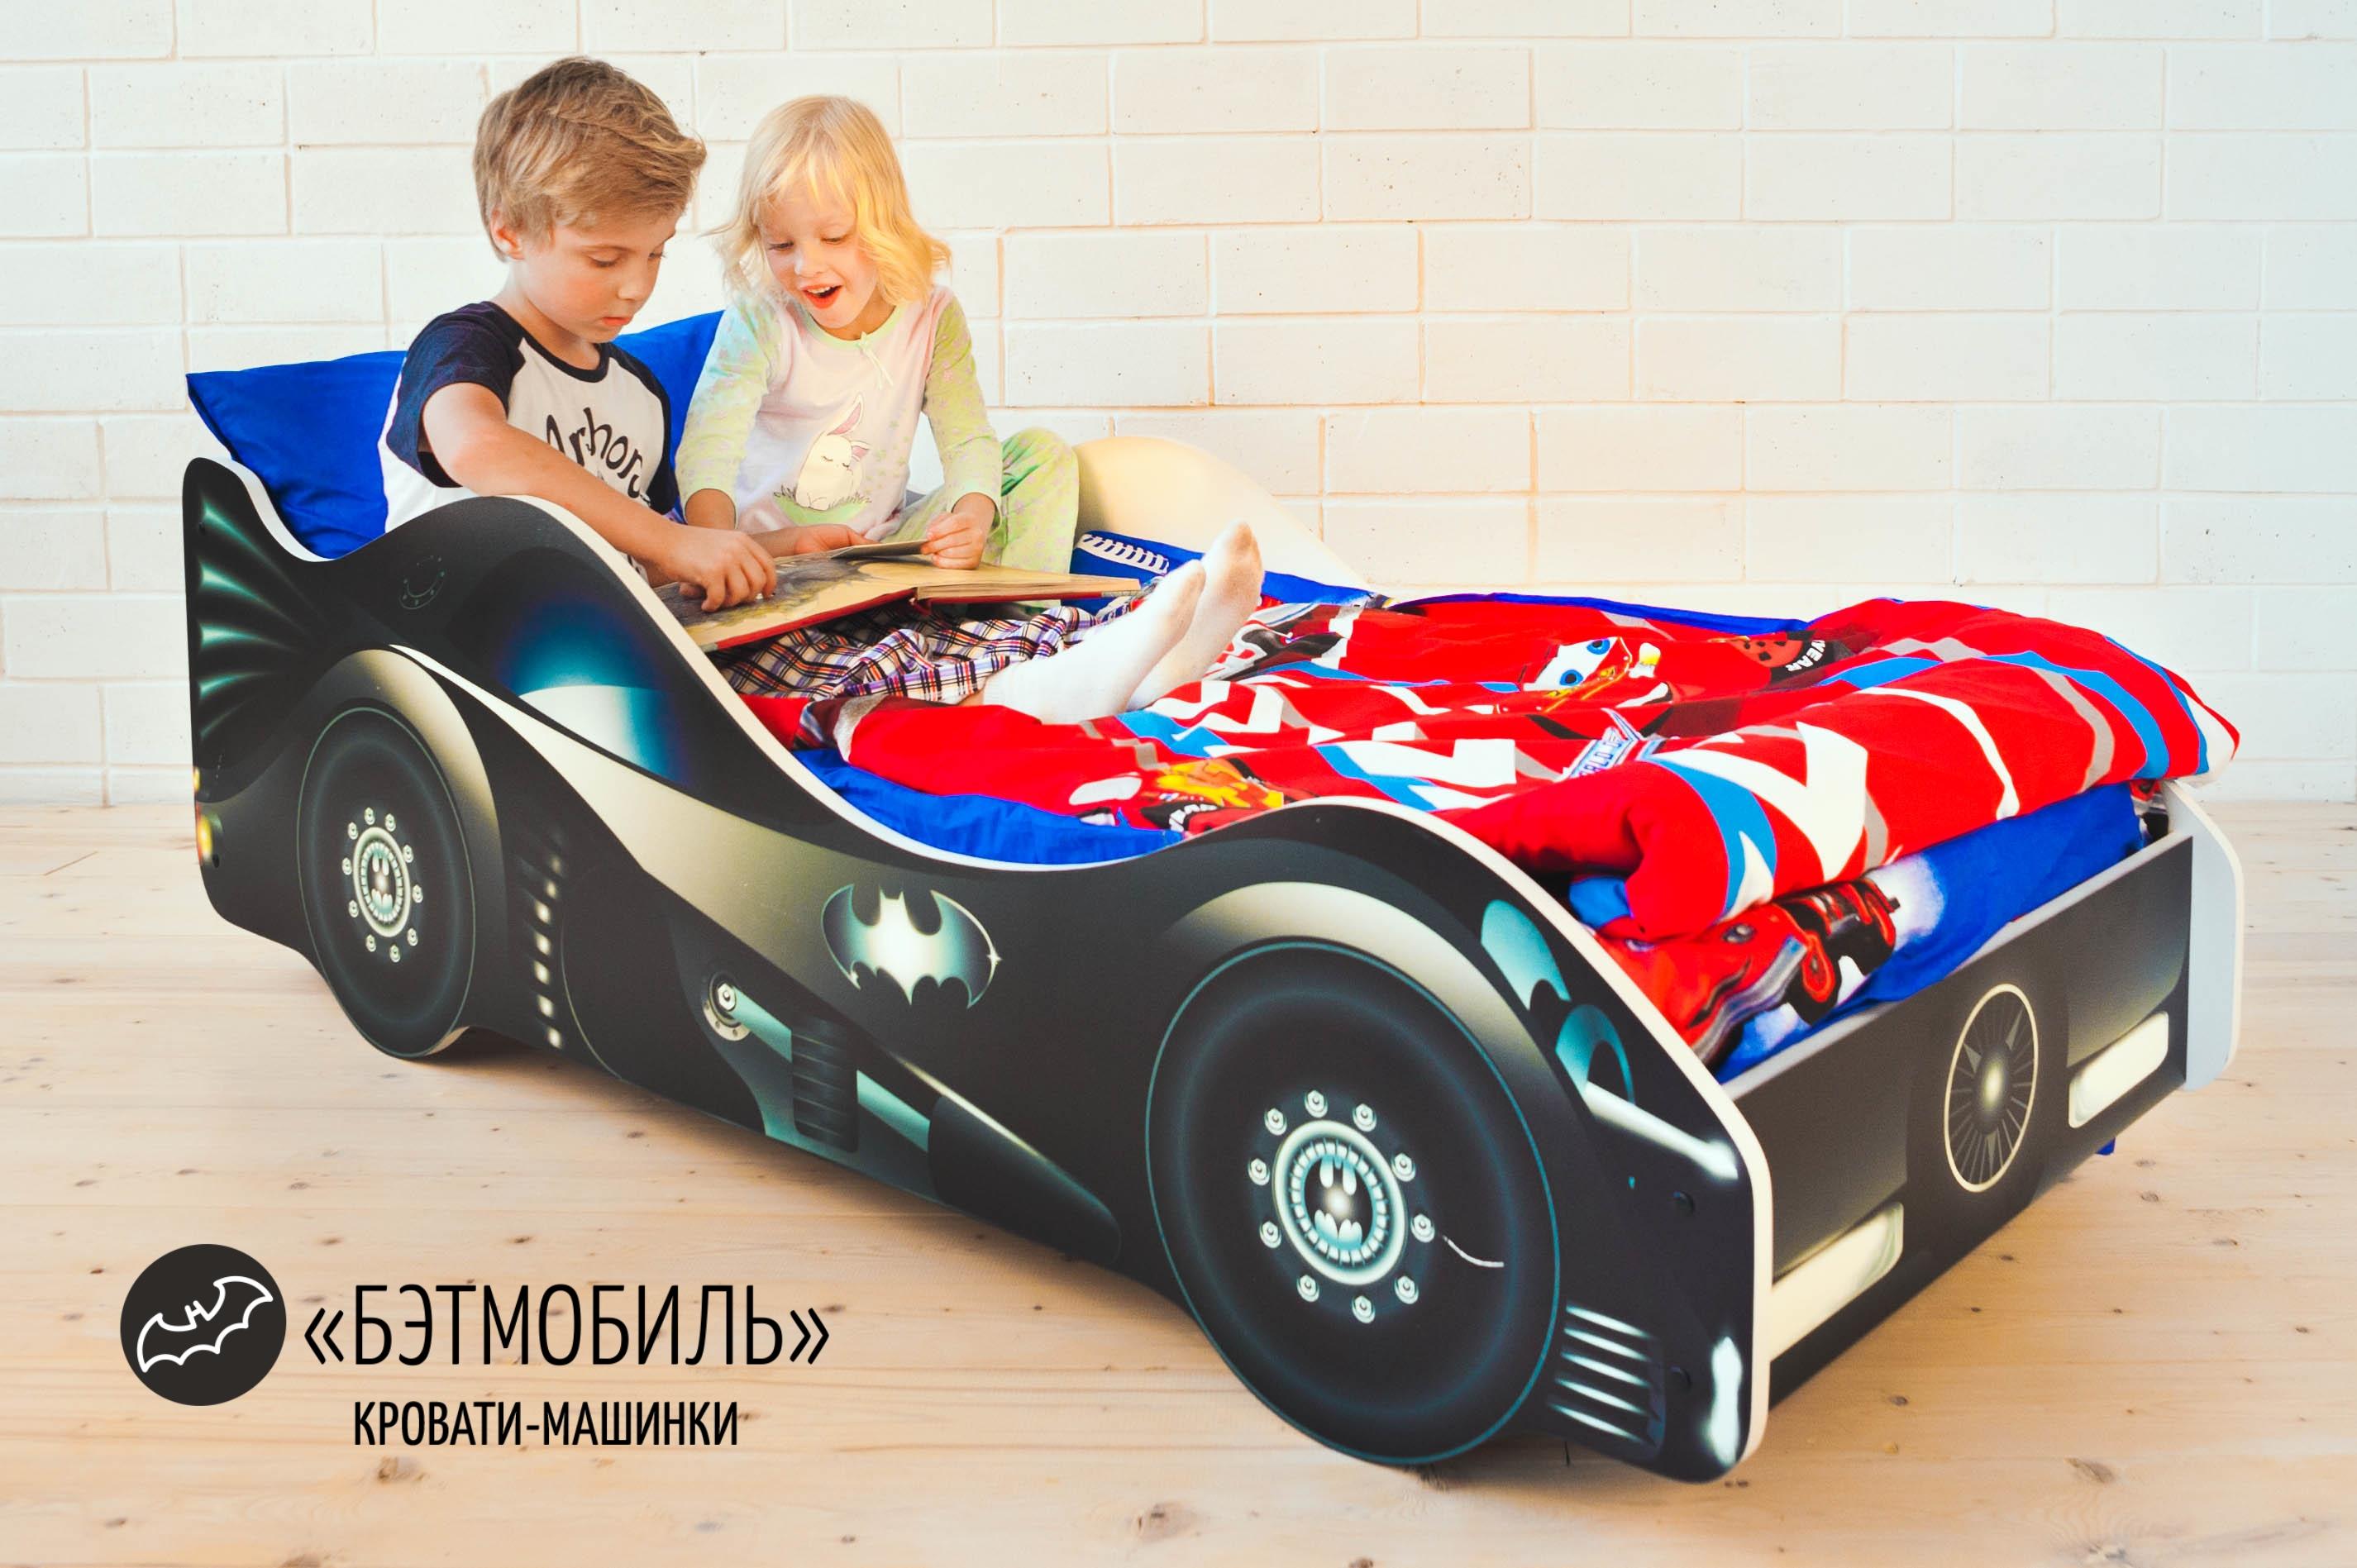 Детская кровать-машина -Бэтмобиль-5